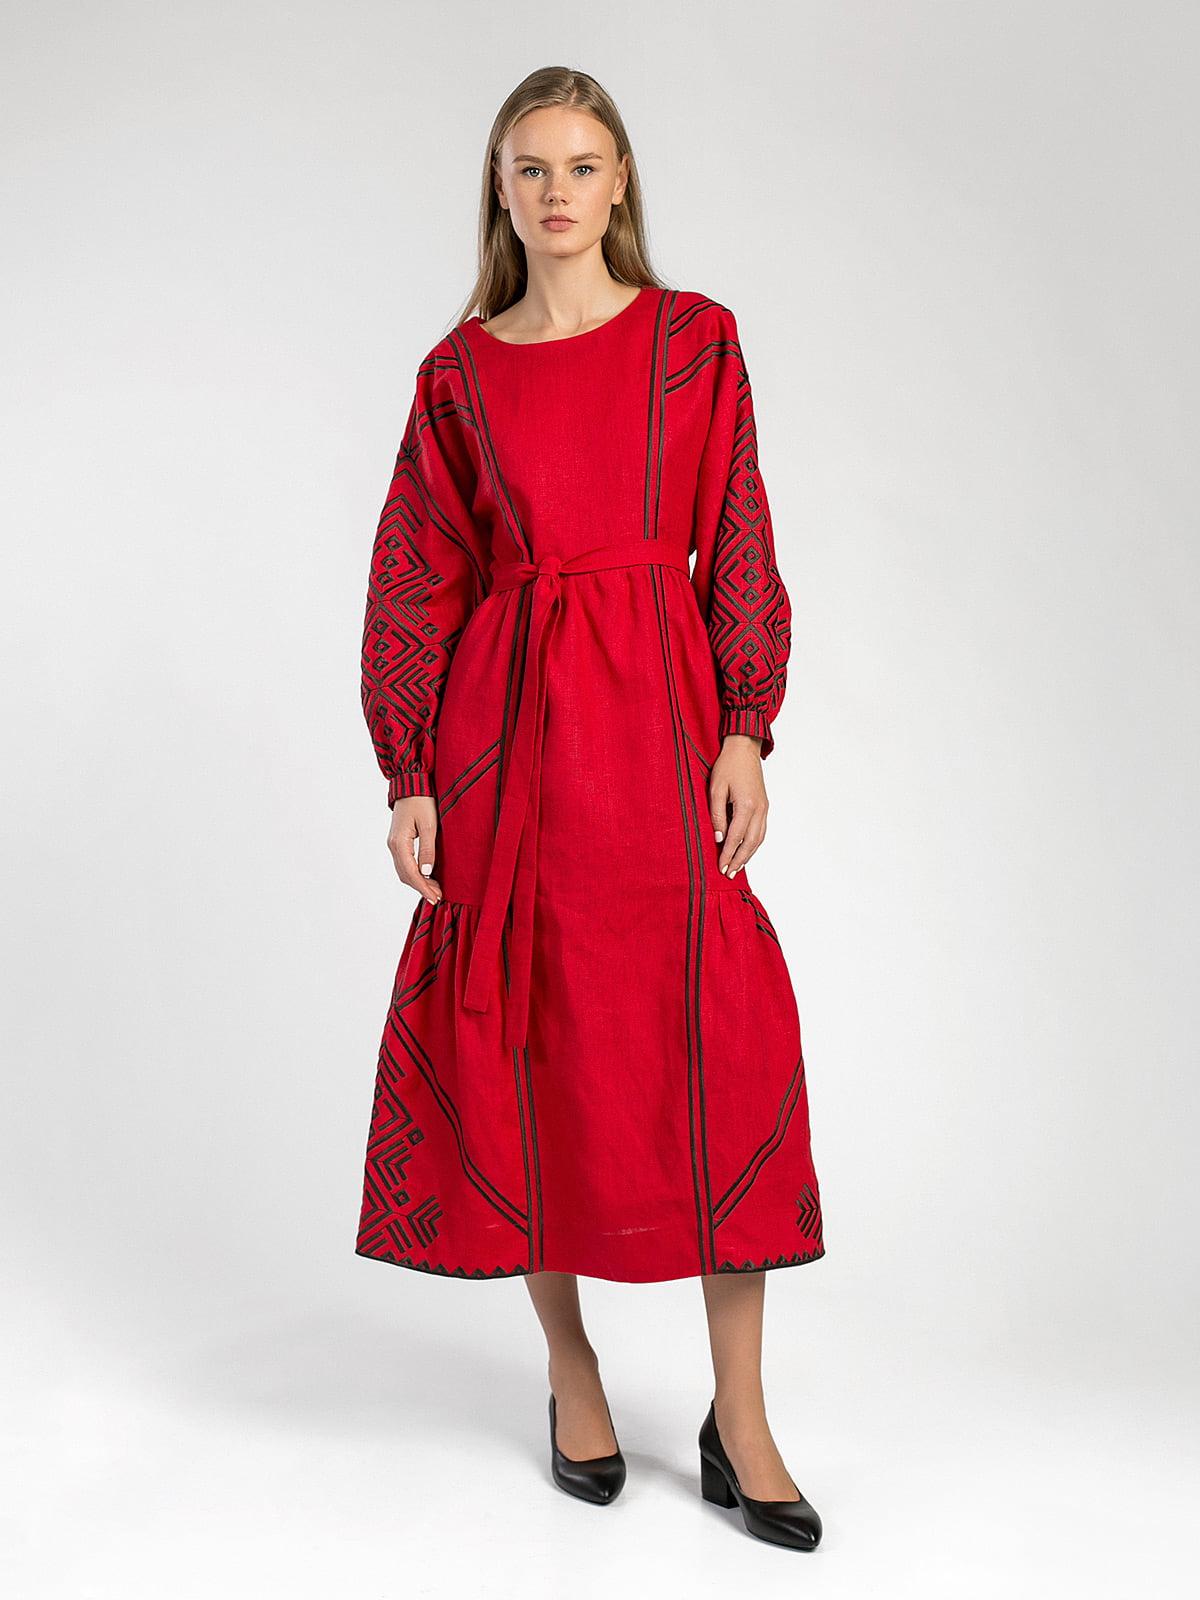 8dfea4178f4 Красное льняное платье с геометрической вышивкой Akai – купить в ...